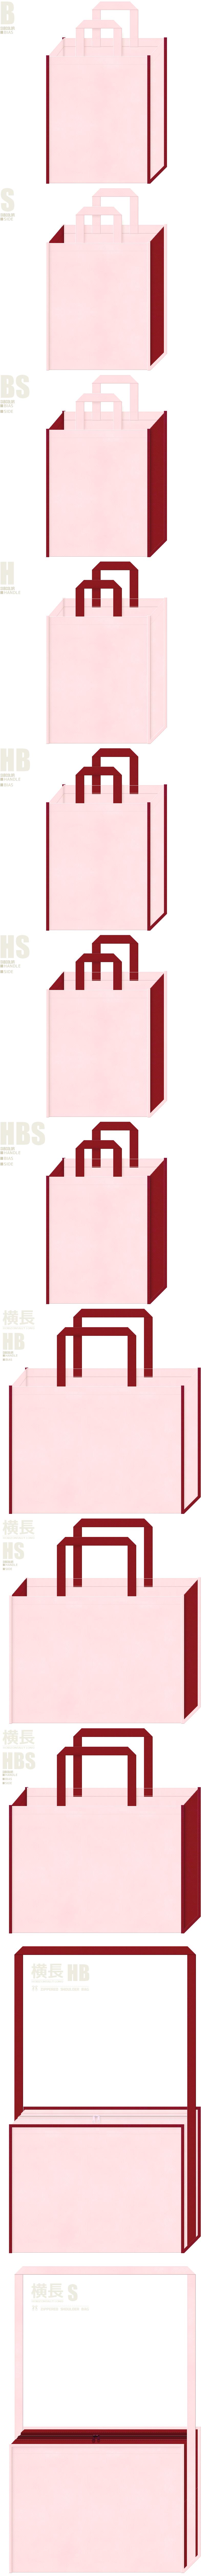 振袖・卒業・学校・オープンキャンパスにお奨めの不織布バッグデザイン:桜色とエンジ色の配色7パターン。